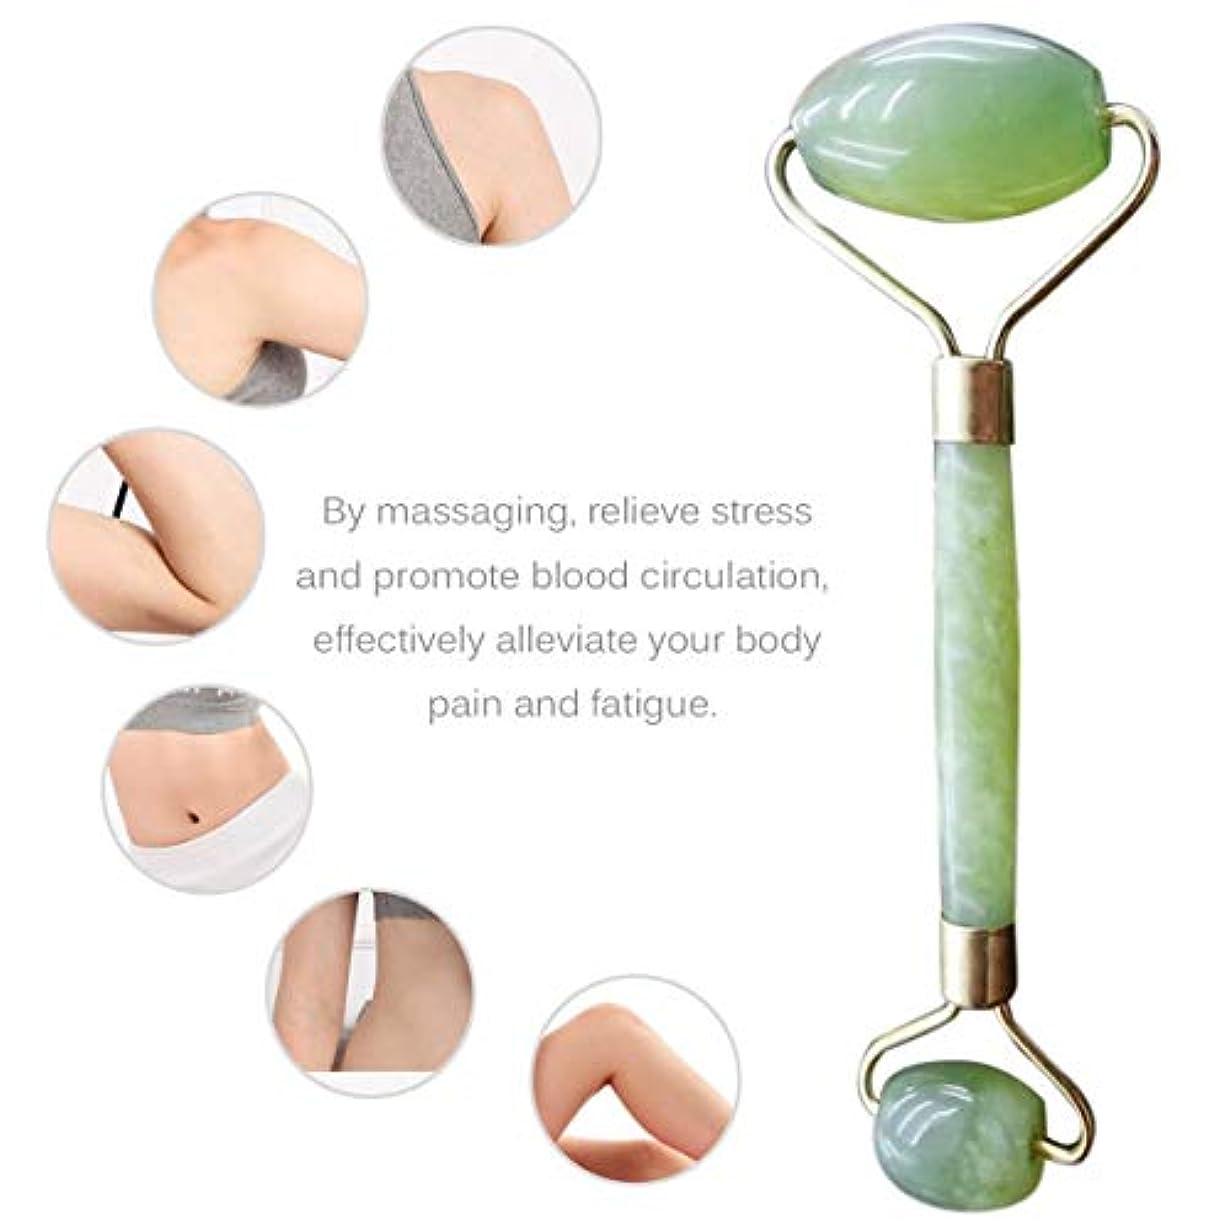 ブラスト美人大統領Double Heads Natural Jade Face Care Massager Handheld Anti Wrinkle Healthy Face Body Foot Massage Tools Best Gift